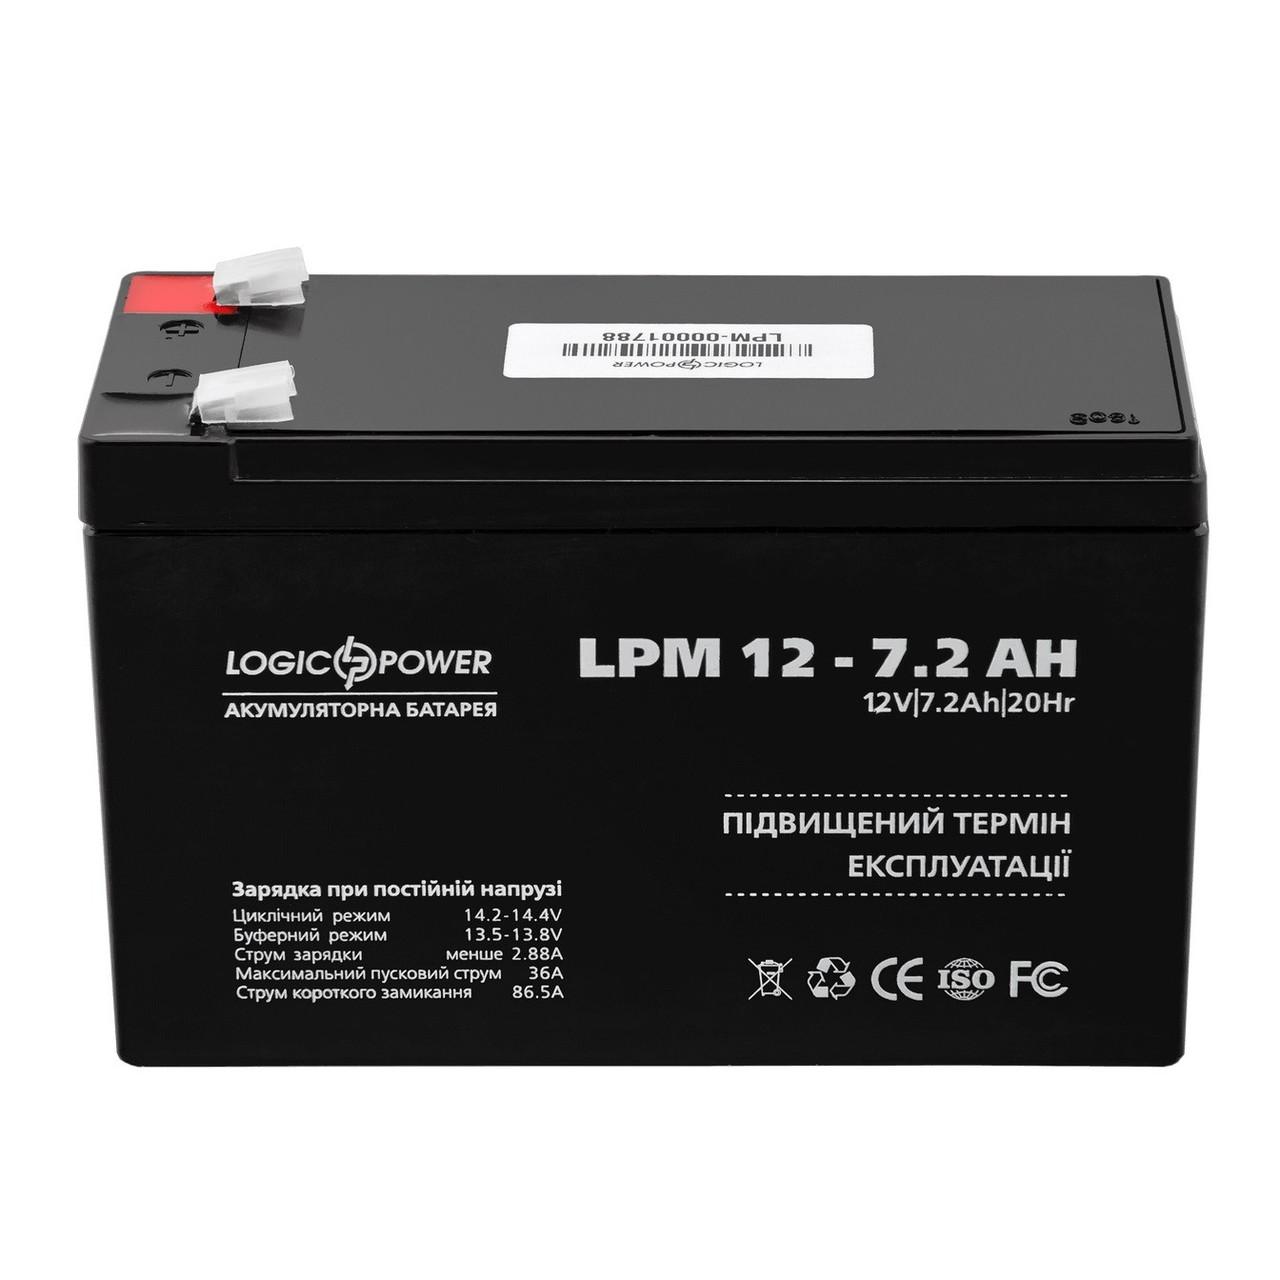 Аккумуляторная батарея LogicPower 12V 7.2 AH (LPM 12-7.2 AH) AGM